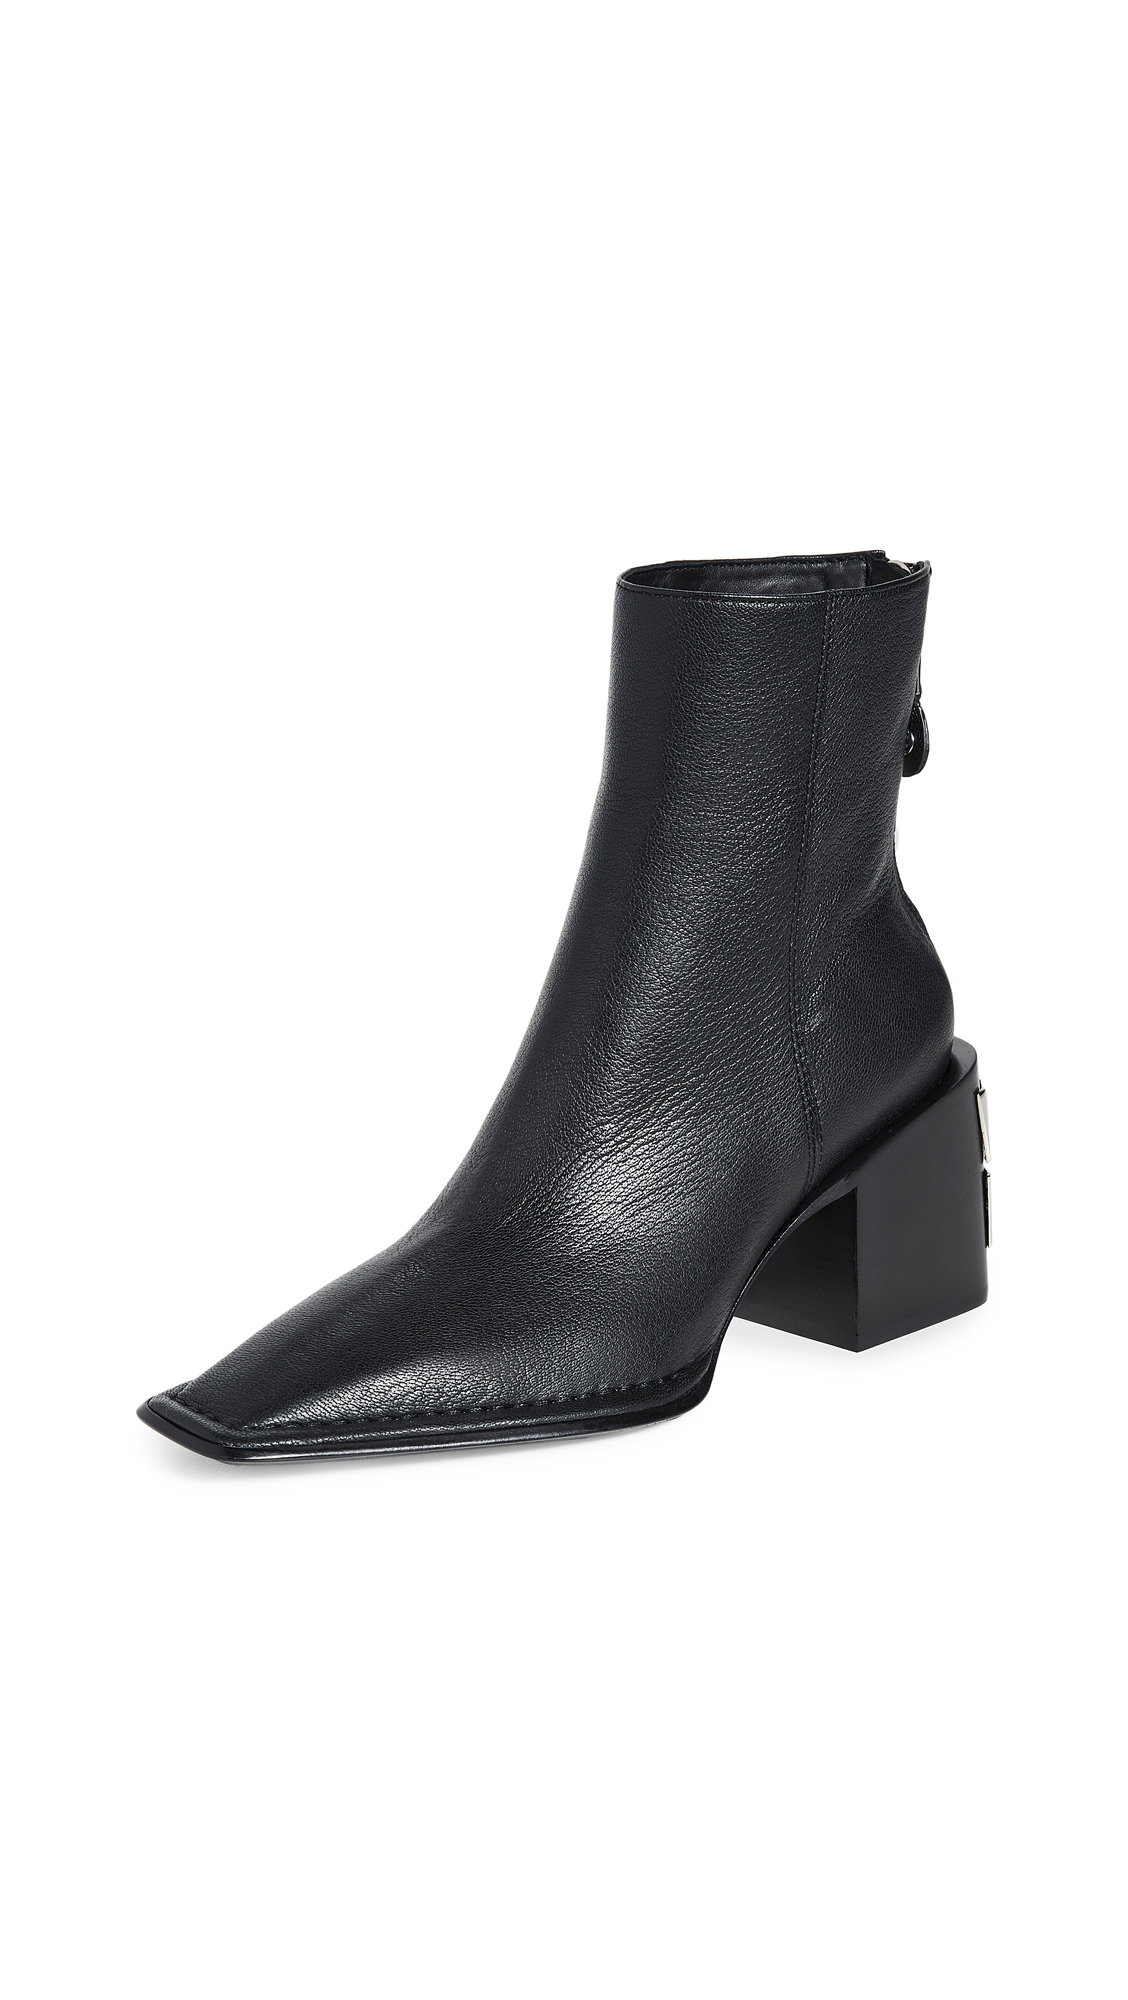 Alexander Wang Parker Boots - Black